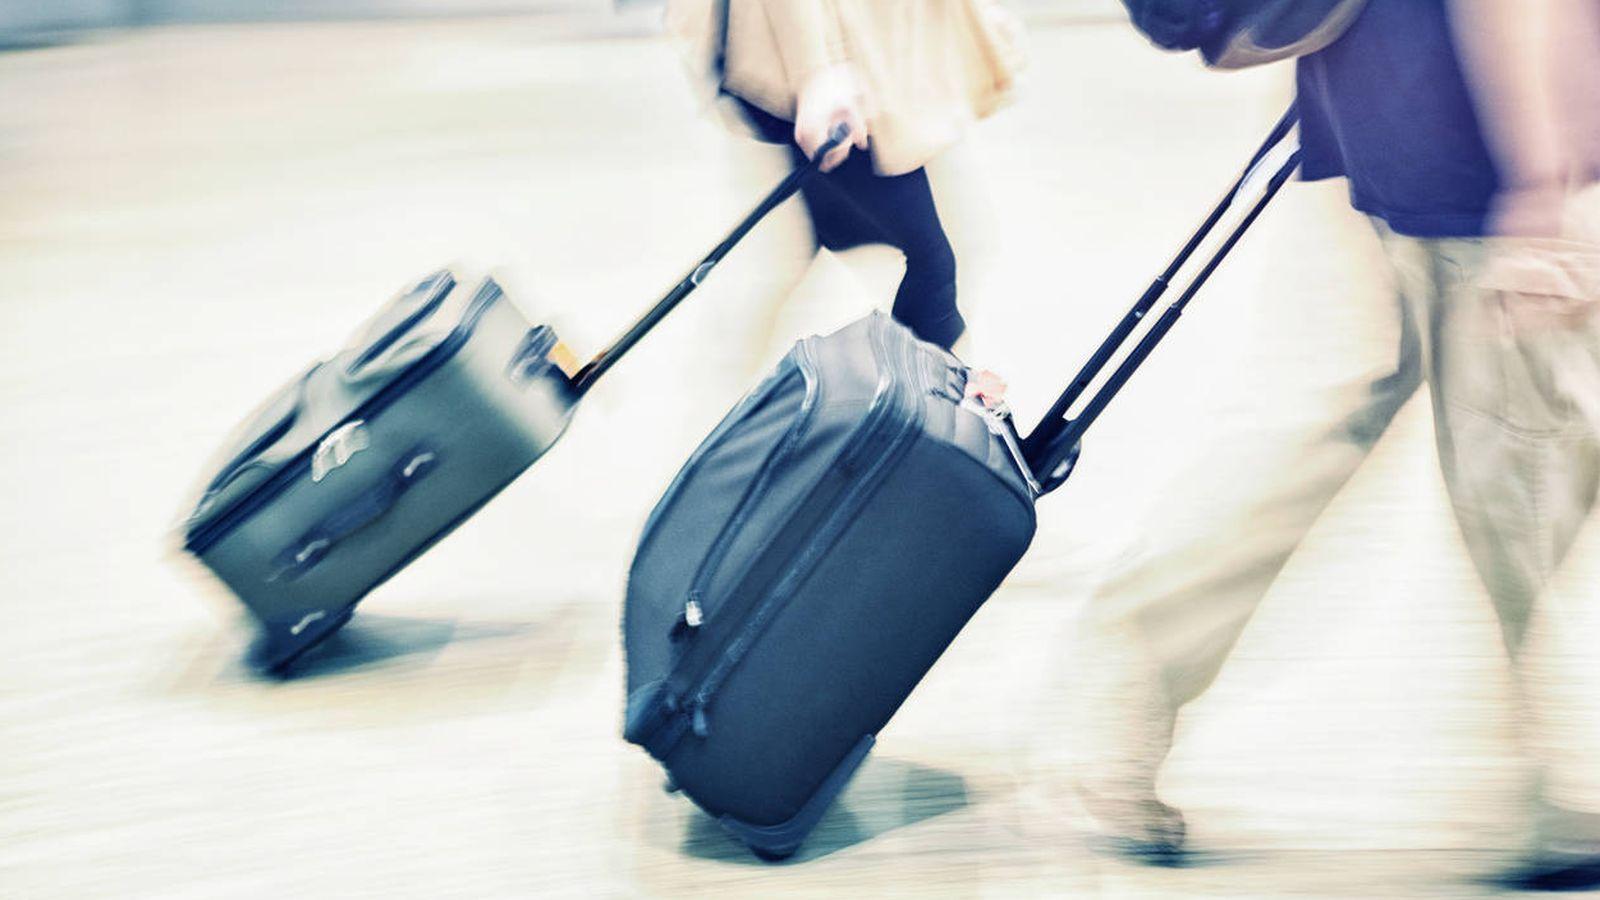 9c57b8249f8d2 Viajar en avión  ¿Pagar por el equipaje de mano  United Airlines cobra por  llevar maleta